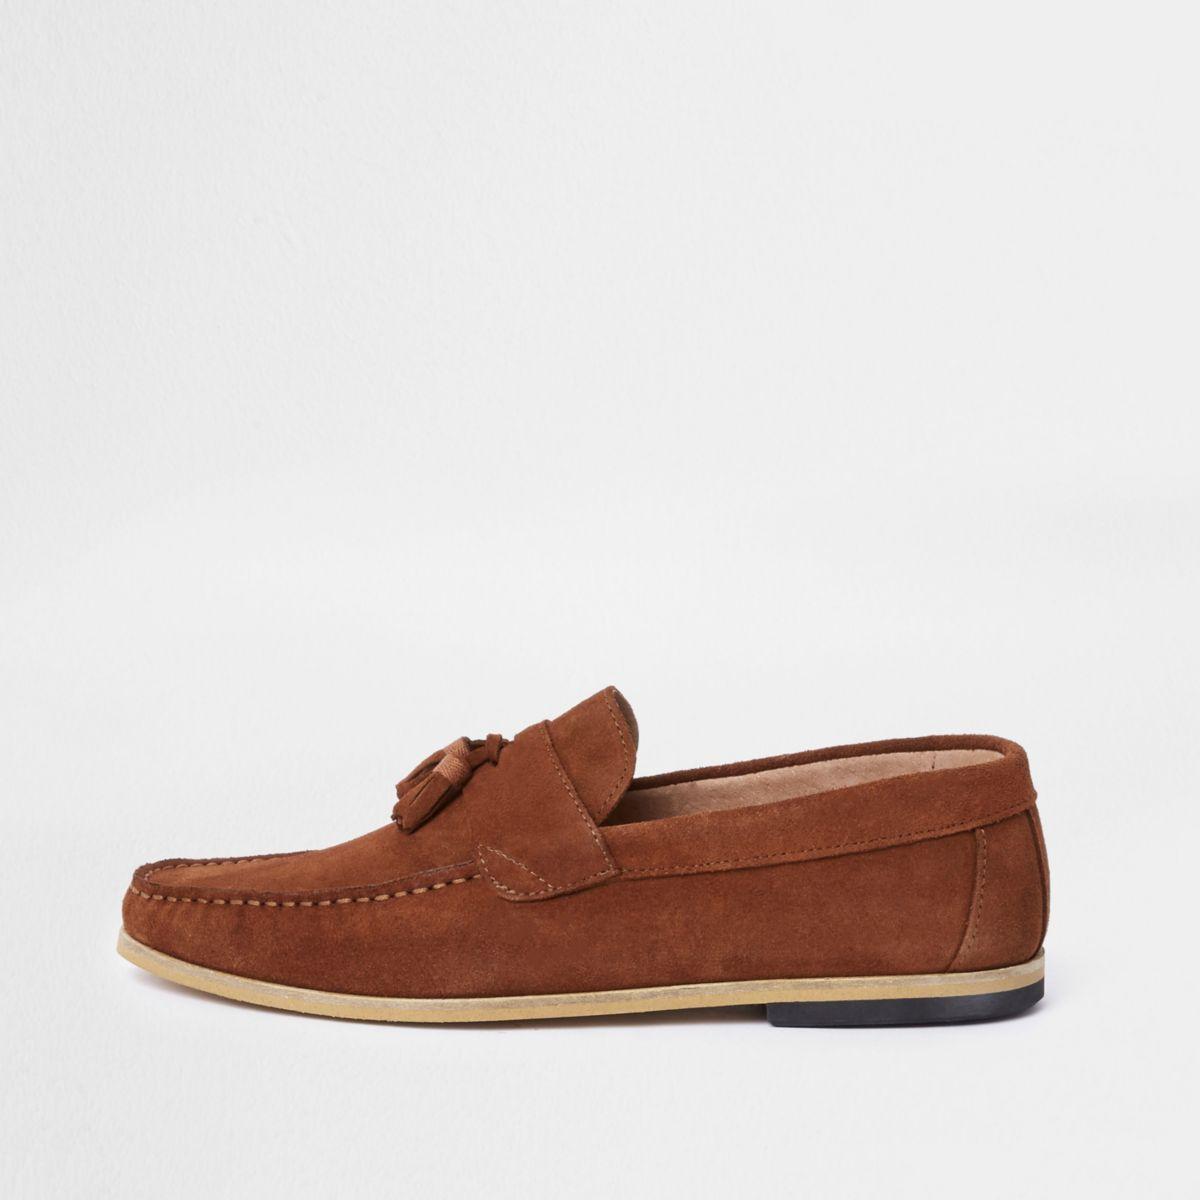 Dark orange suede tassel loafers